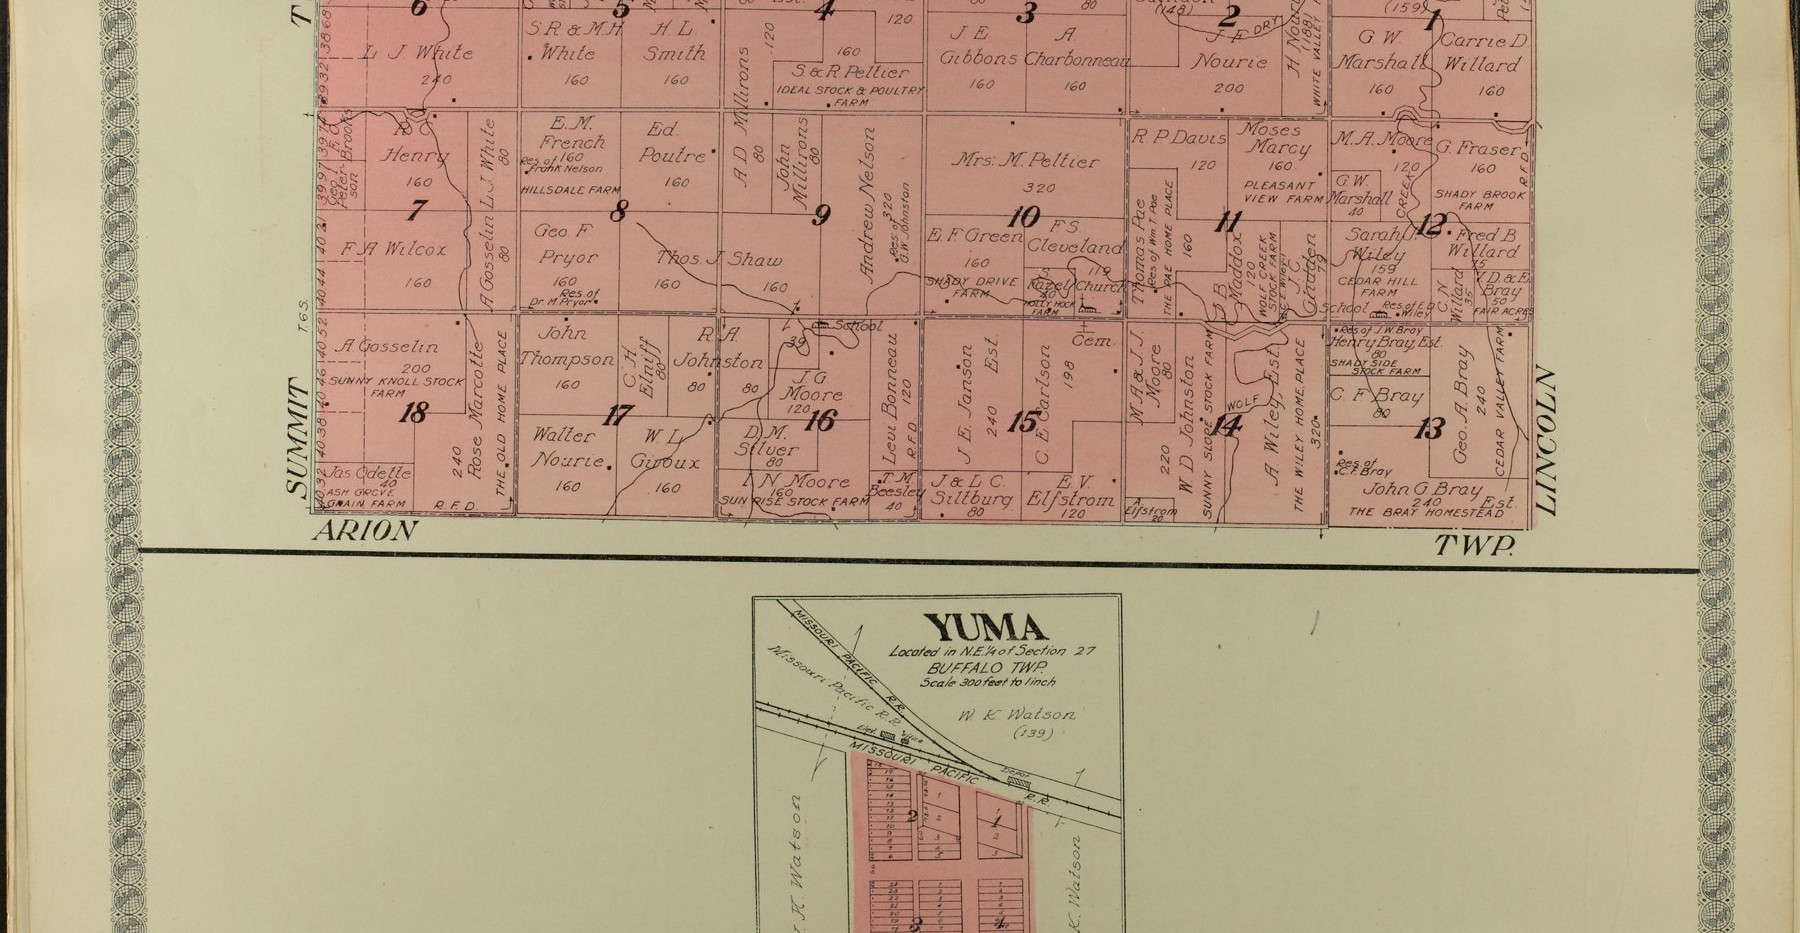 5b: Buffalo Township South